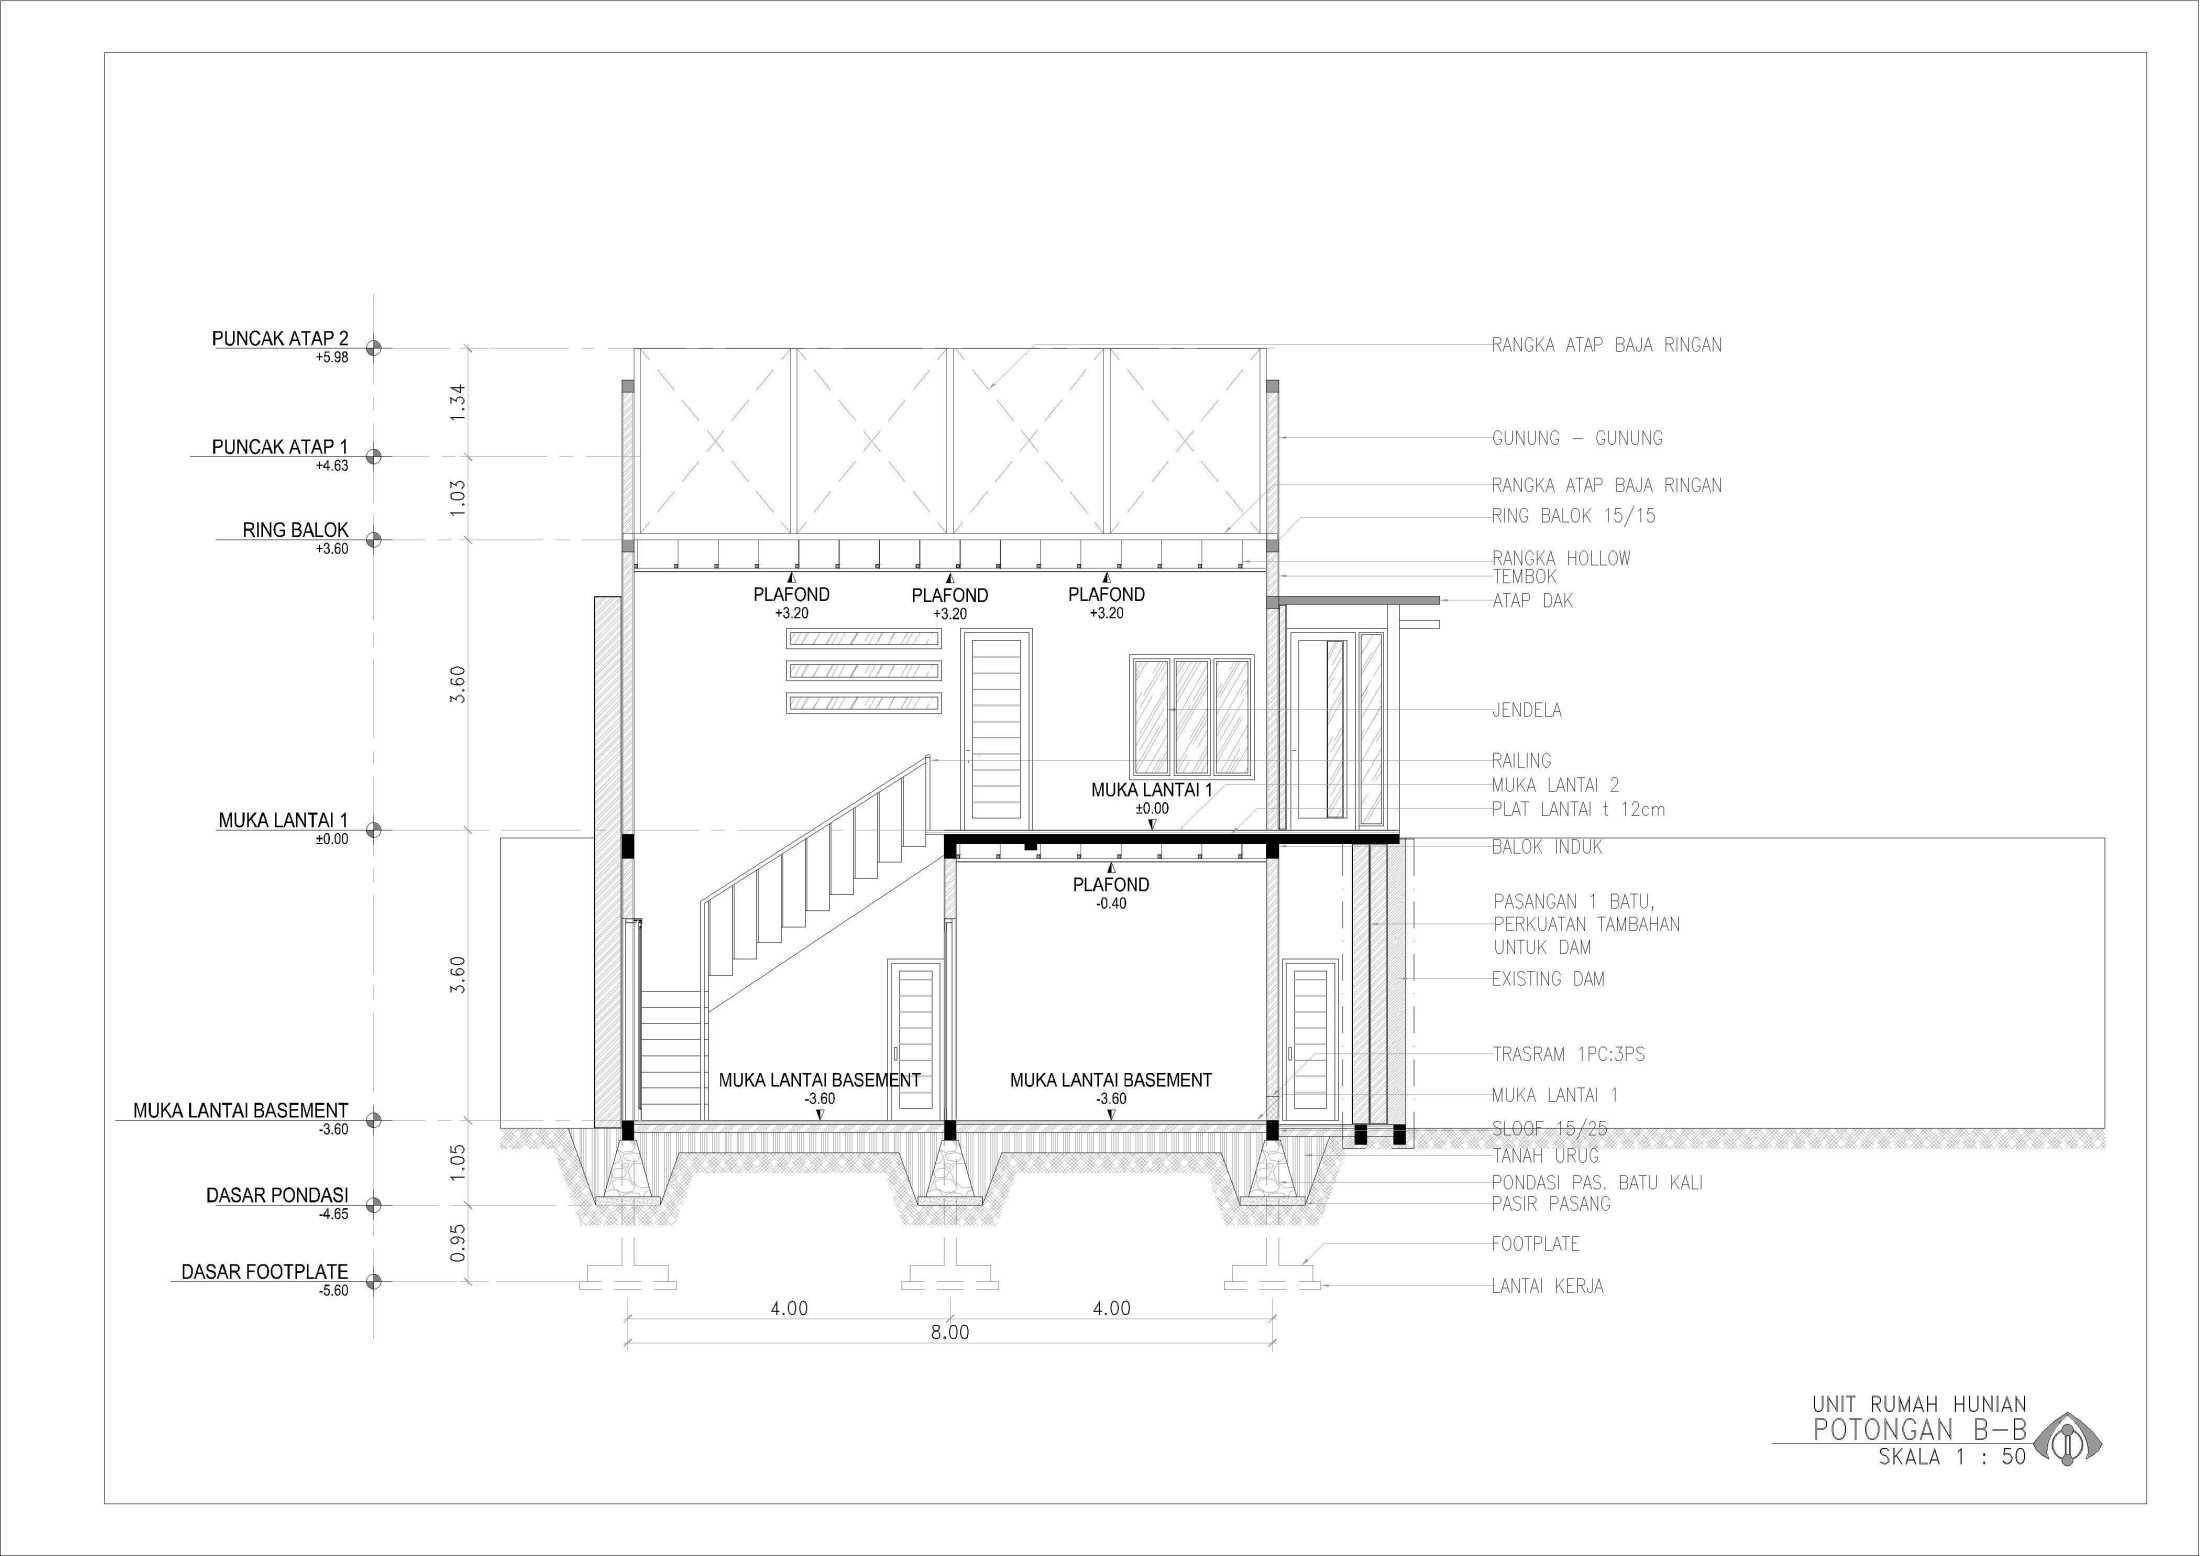 Ansitama Architecture Studio Rumah Hunian Bapak Hijri Jambi, Kota Jambi, Jambi, Indonesia Jambi, Kota Jambi, Jambi, Indonesia Ansitama-Architetcture-Studio-Rumah-Hunian-Bapak-Hijri  56259